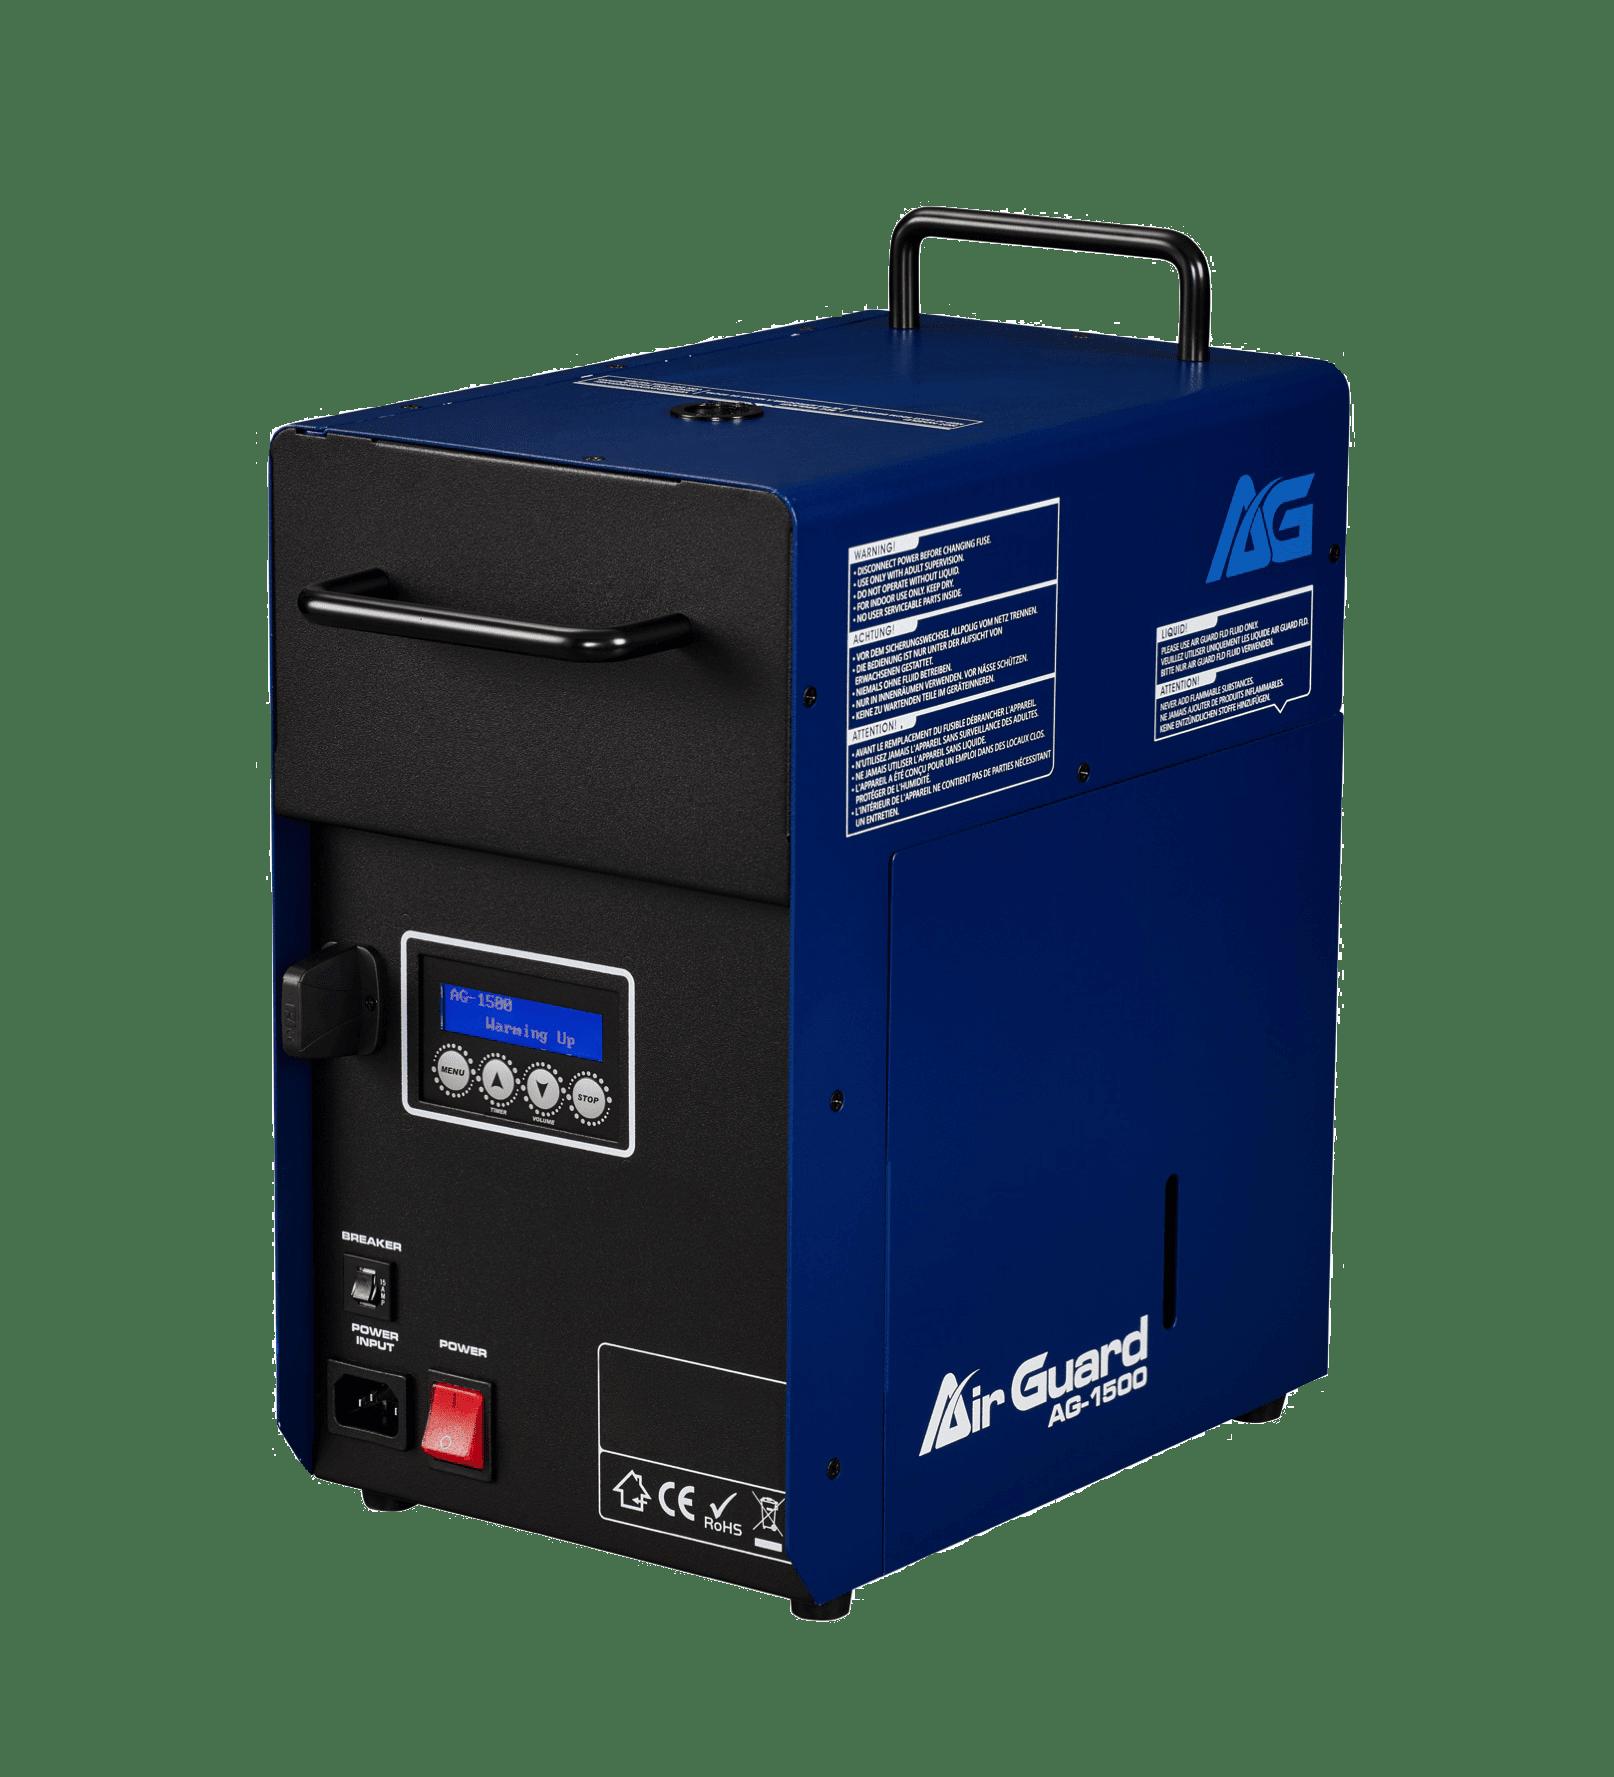 Airguard 1500 Medlight